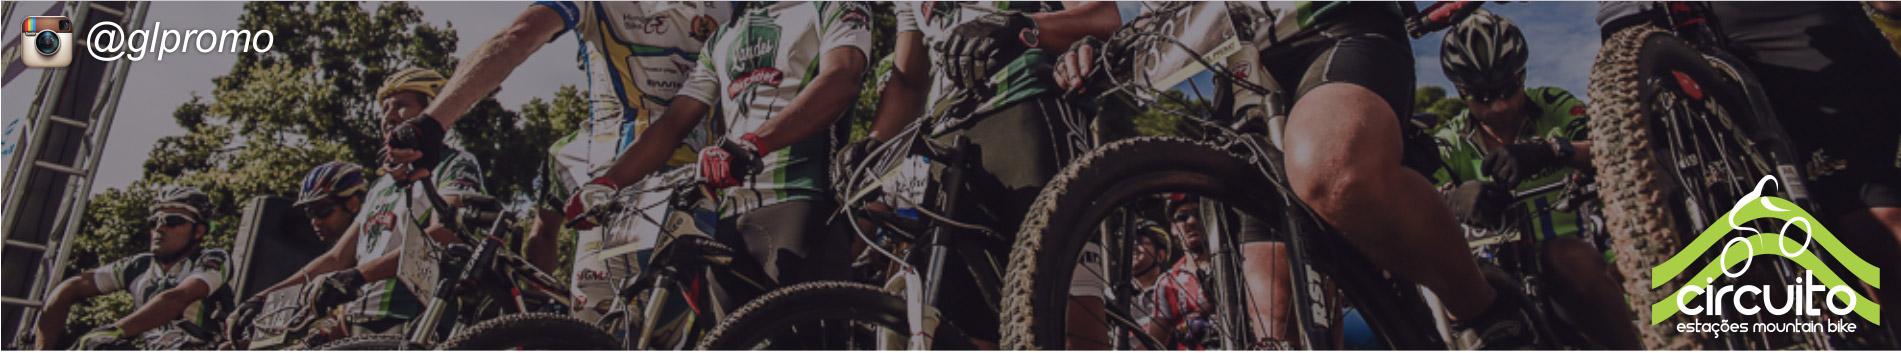 Circuito Verao : Circuito estaÇÕes mountain bike etapa verÃo